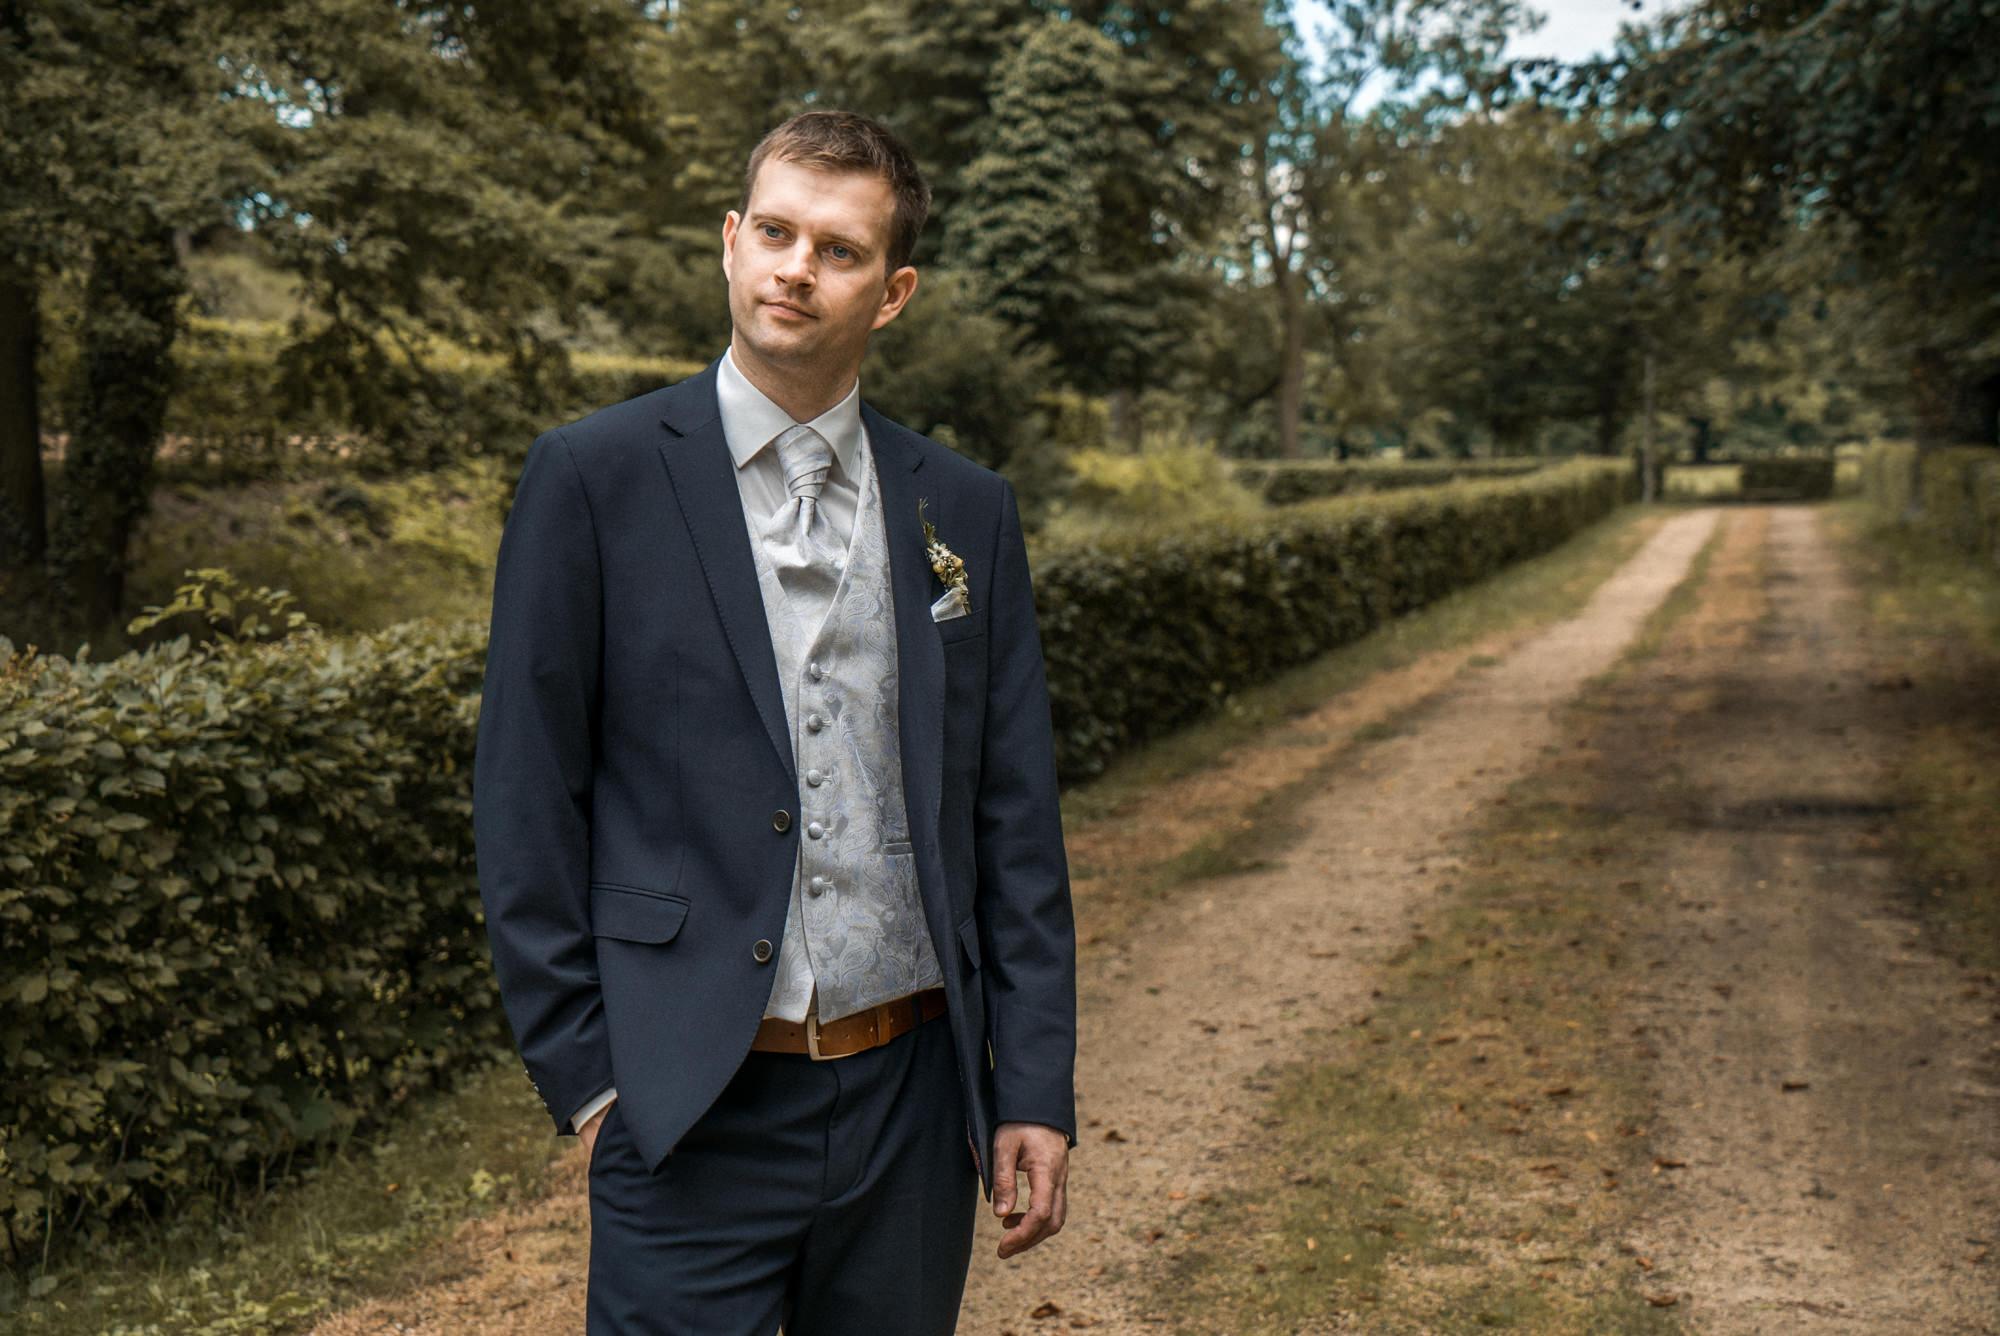 hochzeit-kleinert-wedding-photographer-maik-kleinert-canon-007.jpg